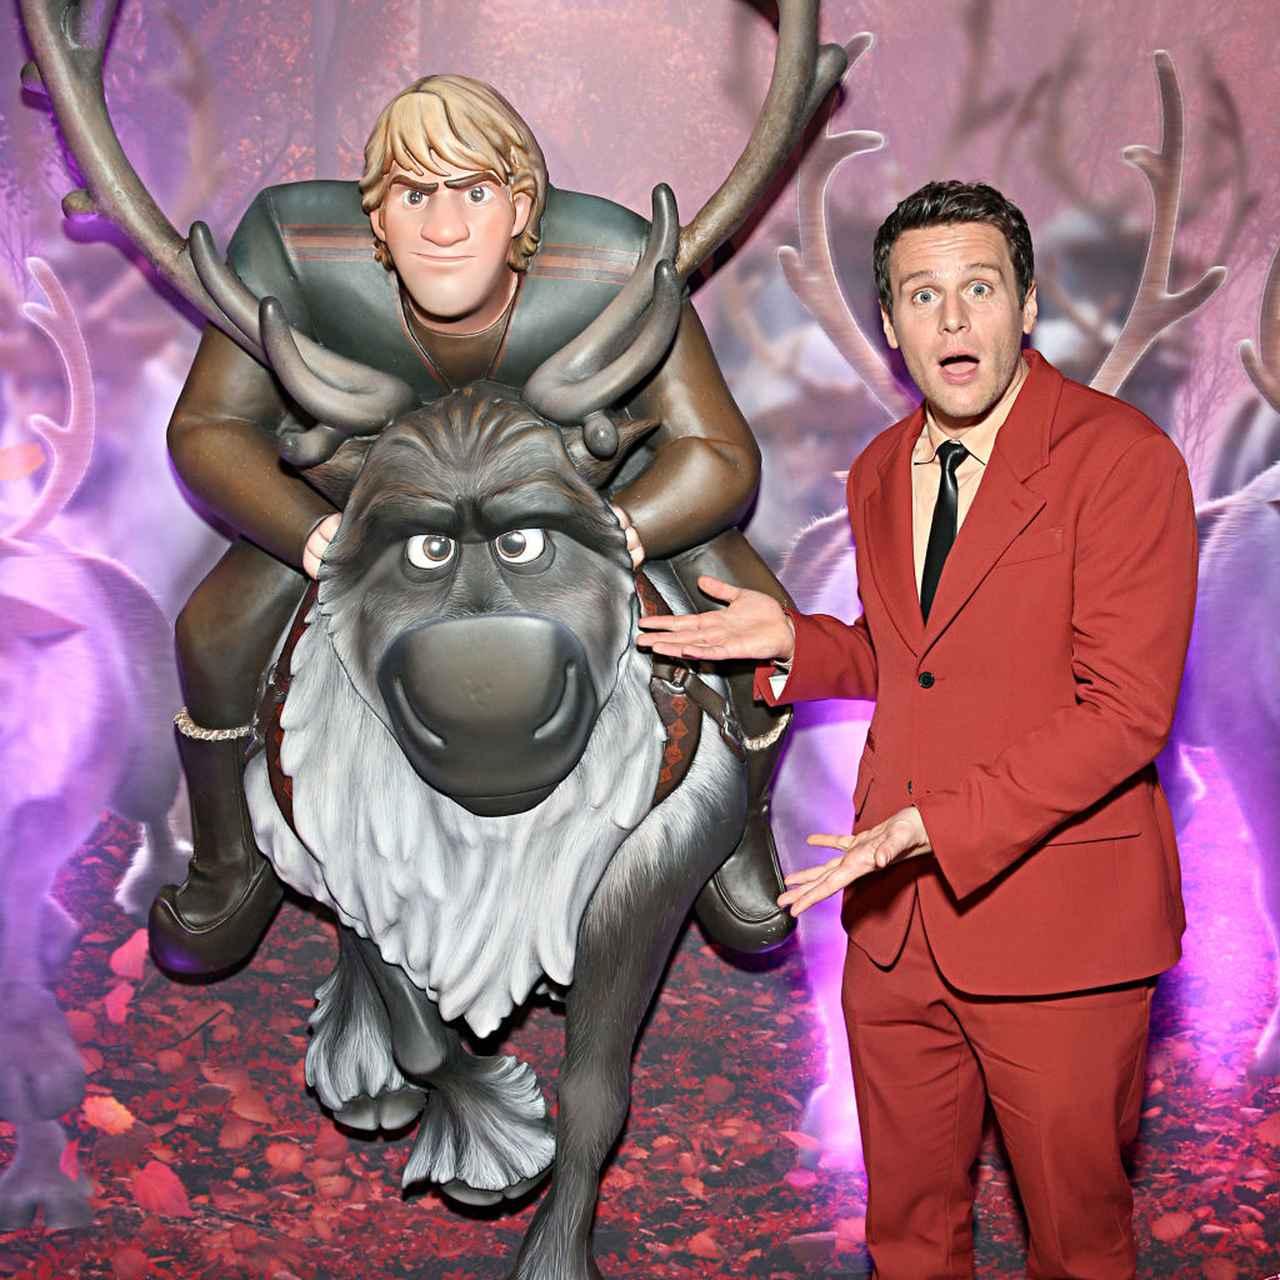 画像: 俳優のジョナサン・グロフは声の吹き替えを担当したクリストフとトナカイのスヴェンの像の前でお茶目な表情。